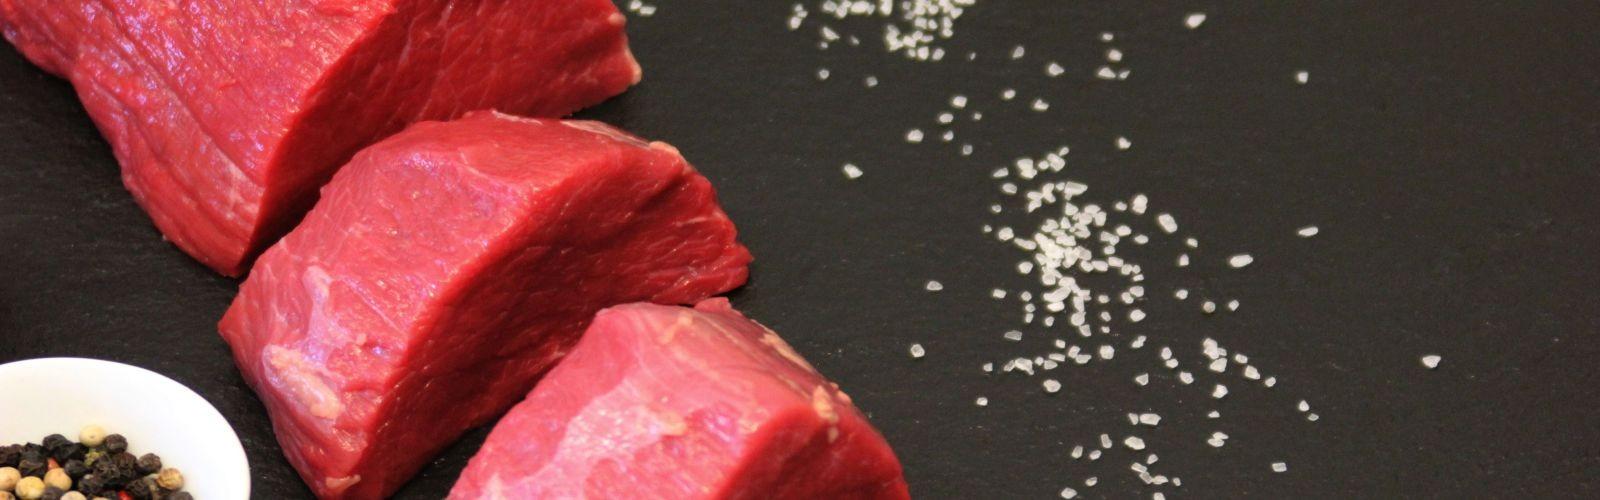 Motivbild der Seite Frischfleisch vom BERGSCHECKENRIND / Steak, Grillen & Kurzbraten